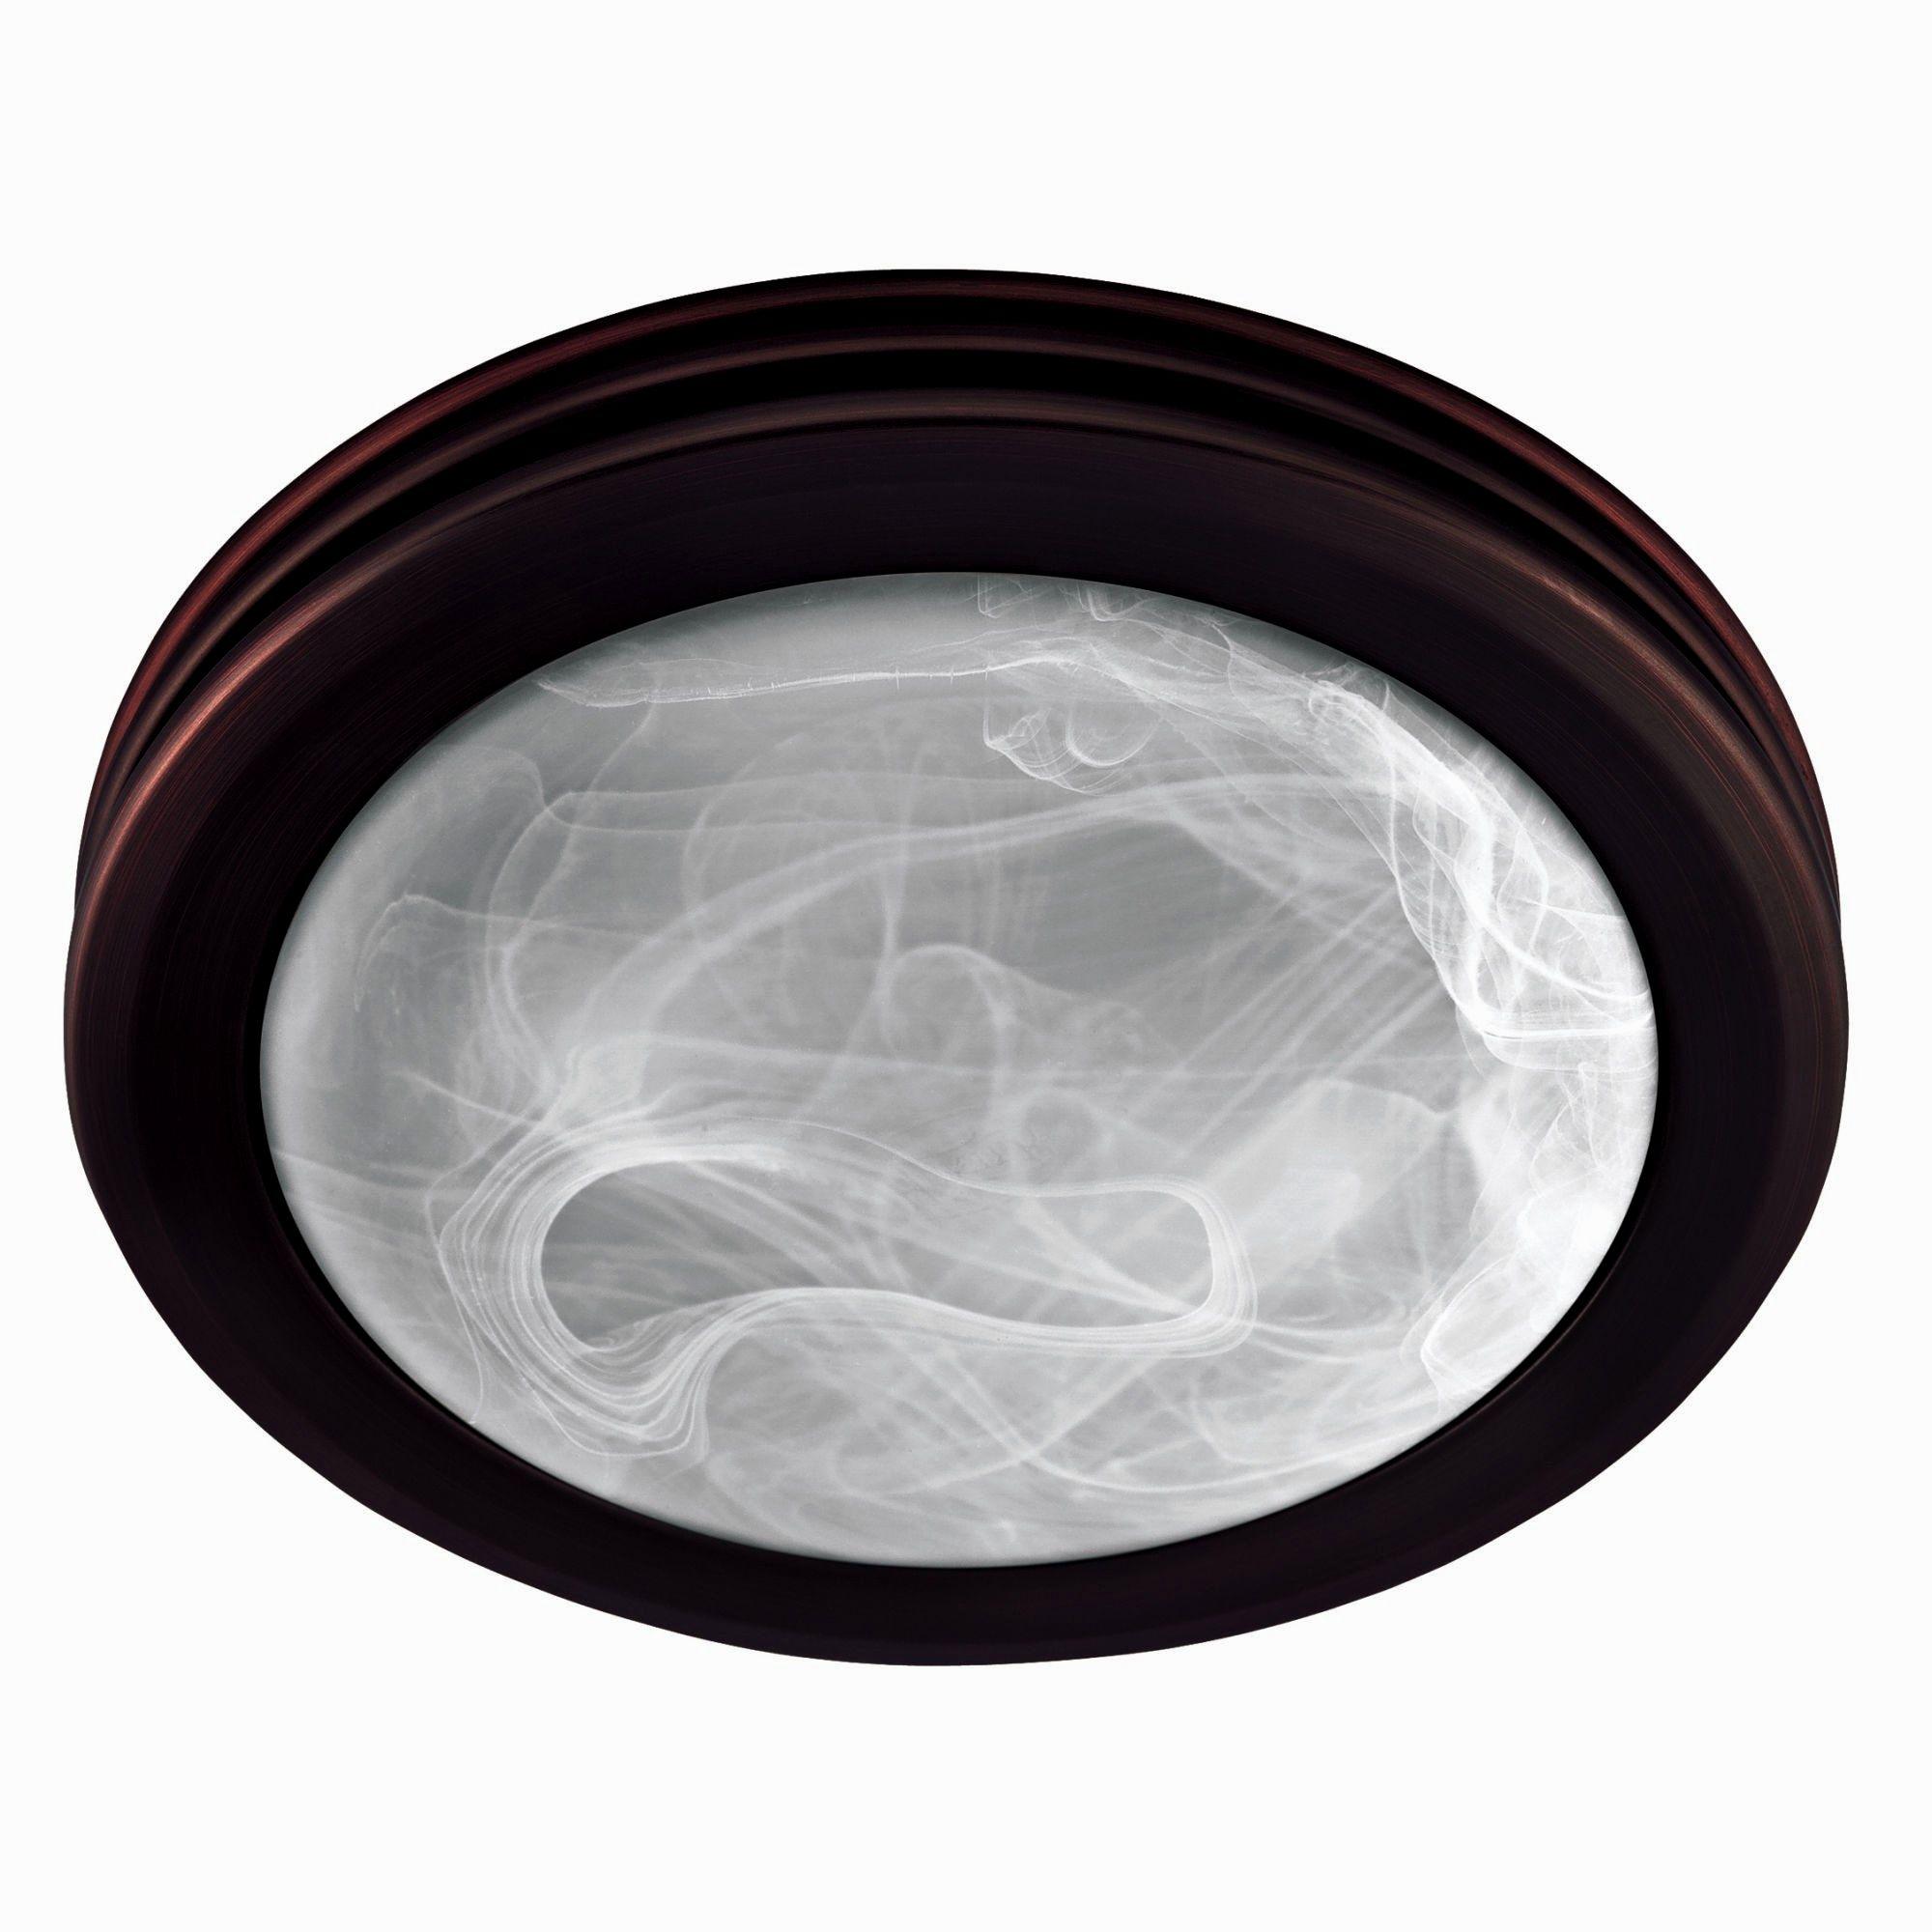 fresh bathroom fan light gallery-Stylish Bathroom Fan Light Model